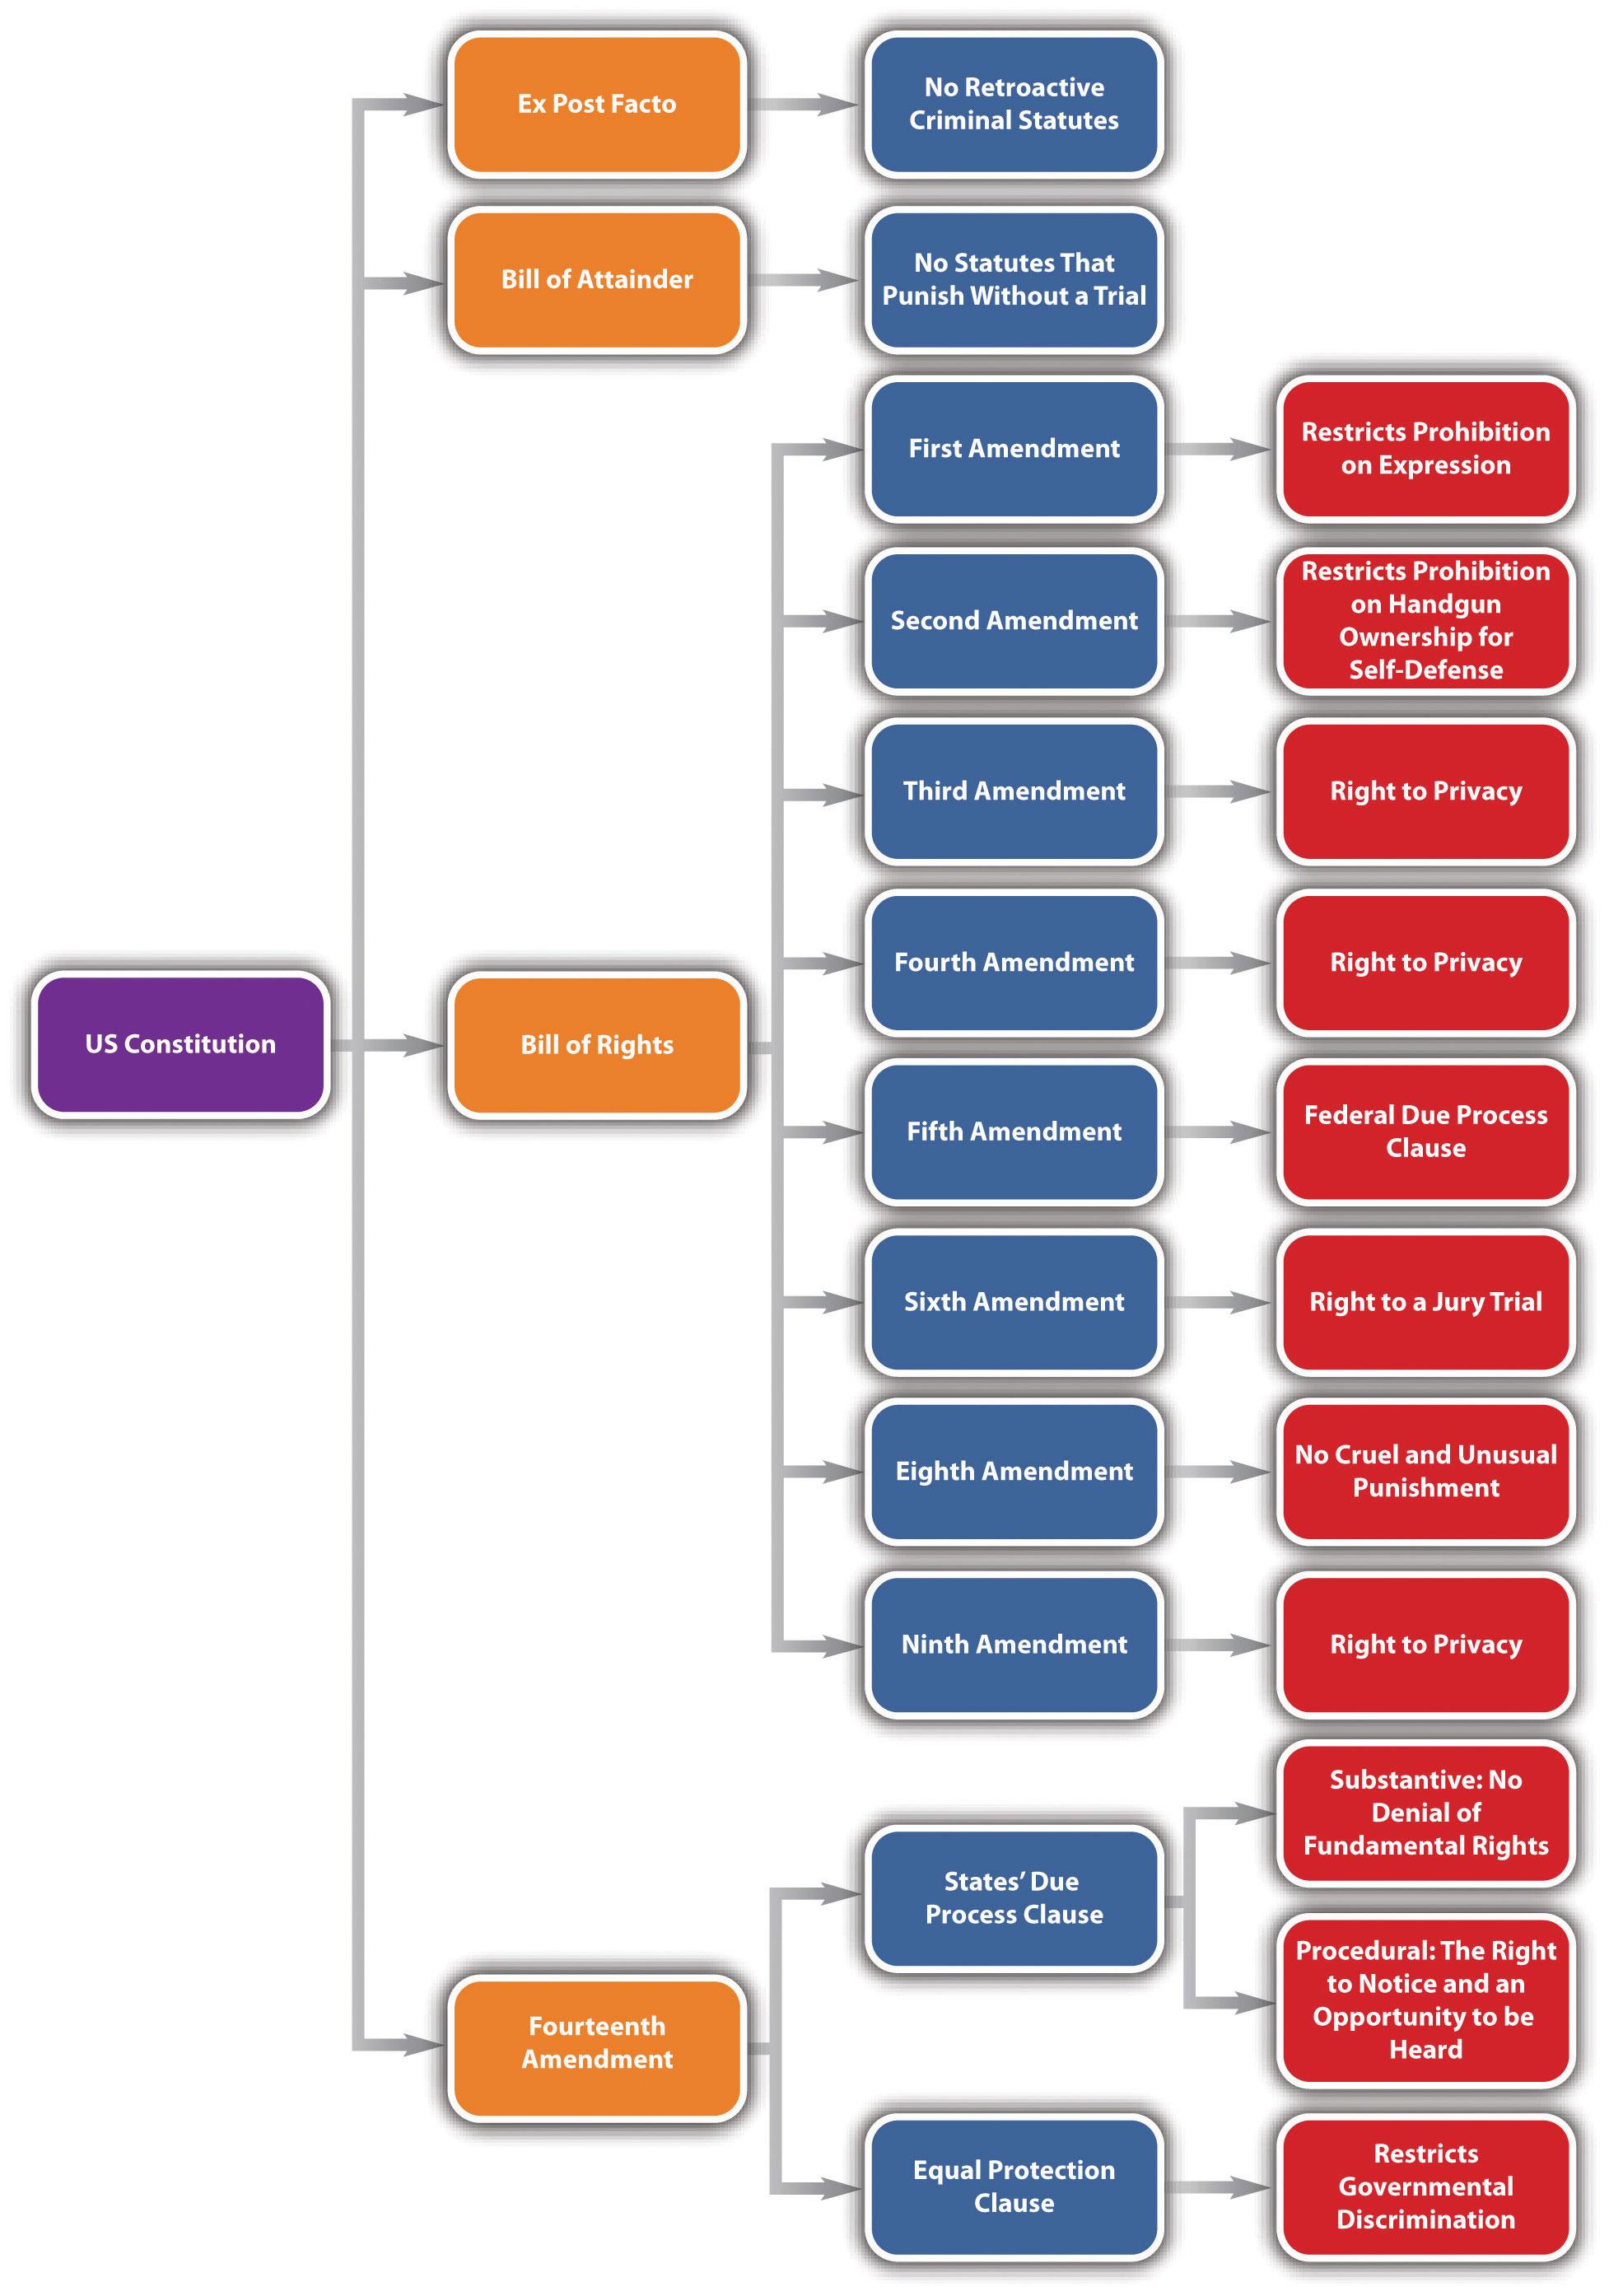 Diagram of Constitutional Defenses